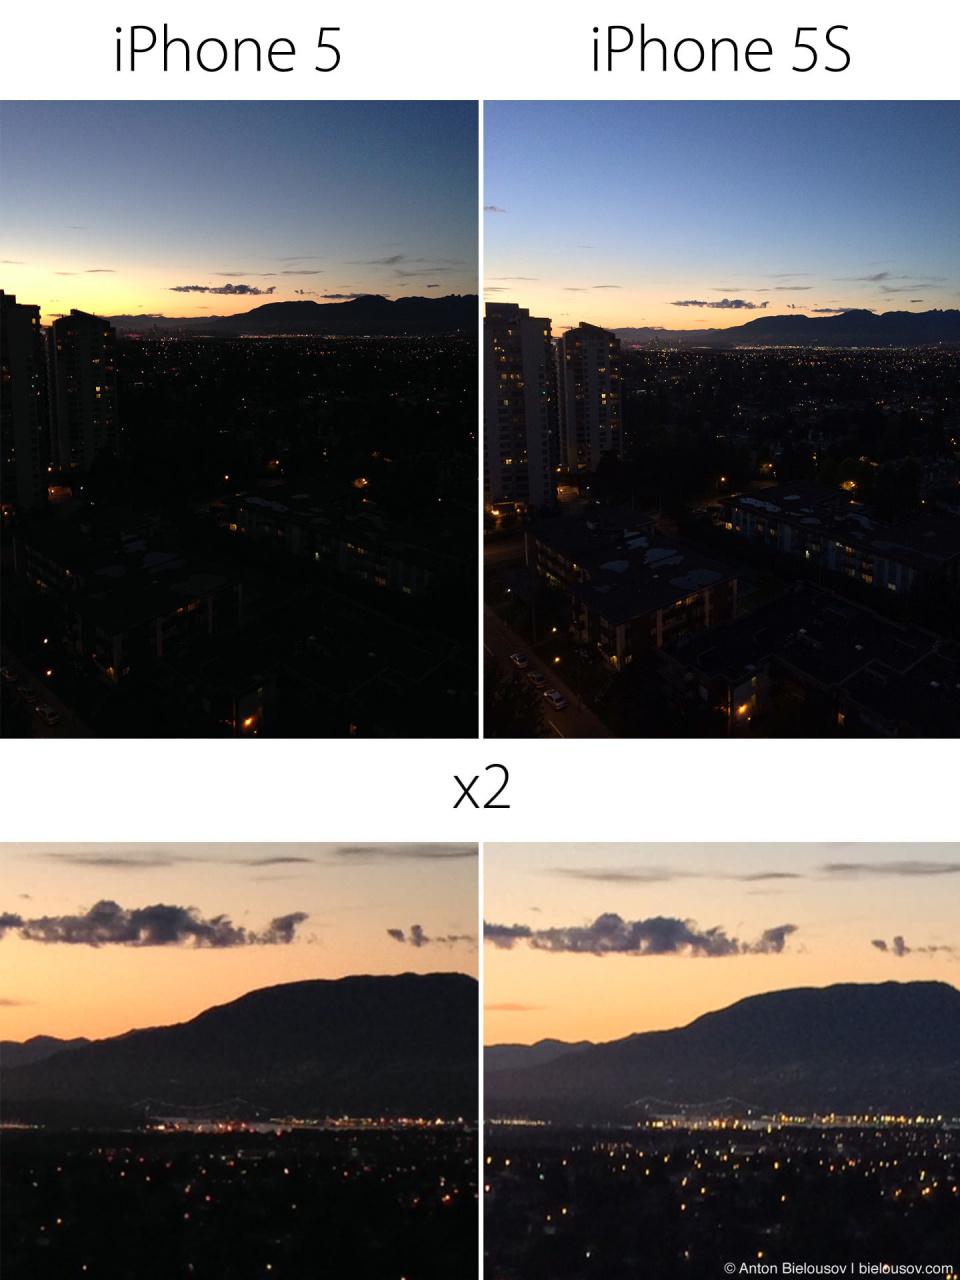 Тест камеры iPhone 5s мы iPhone 5 (HDR On)